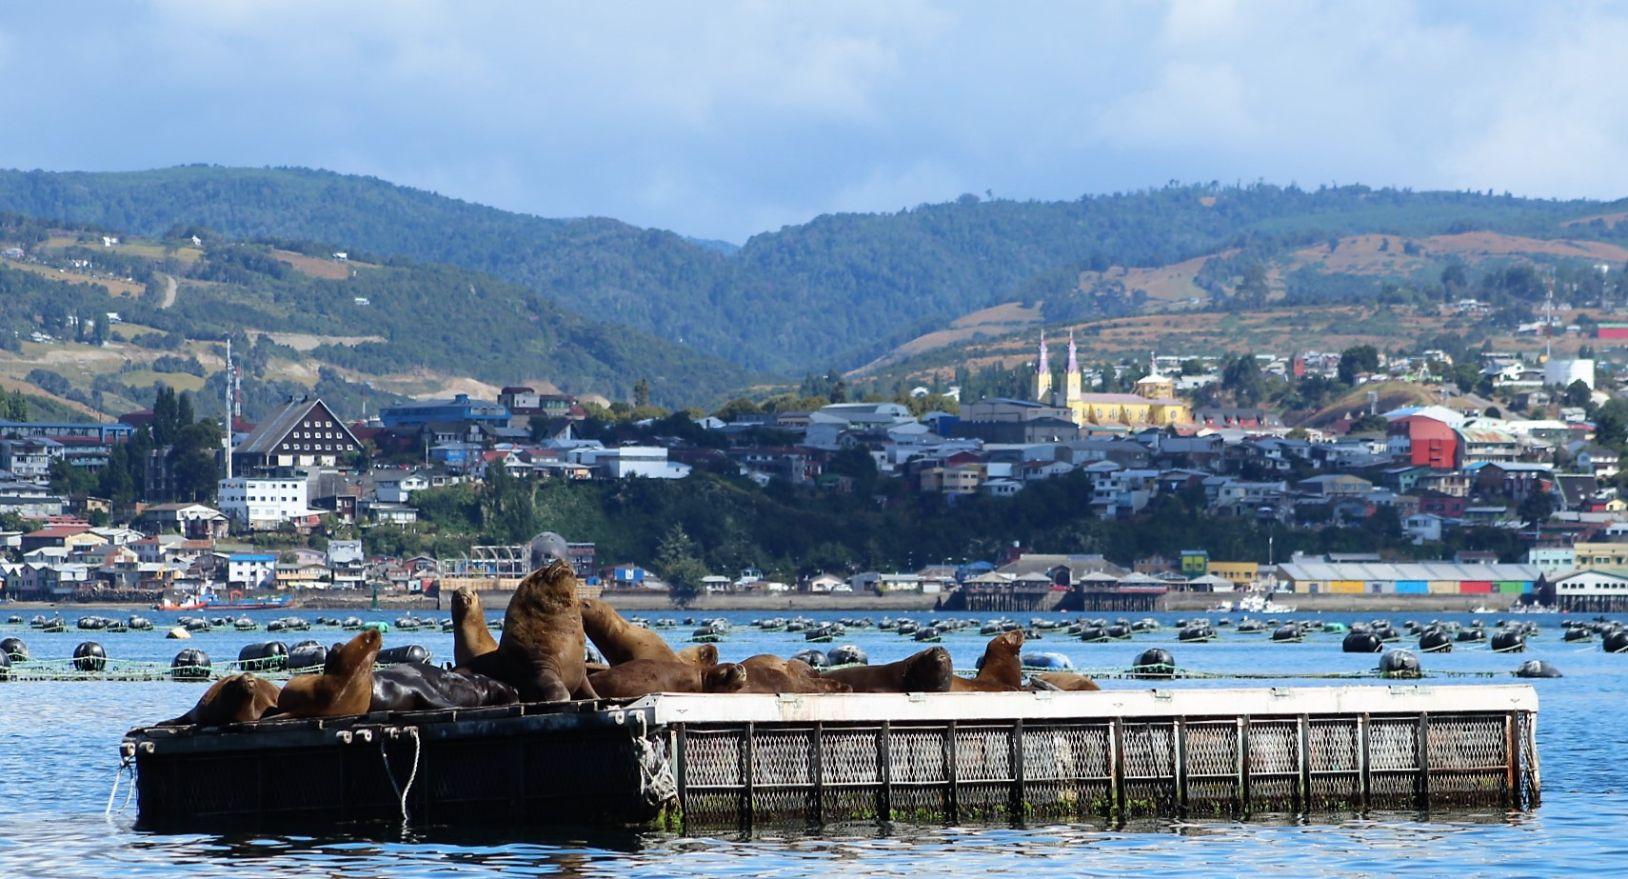 Fundación Chinquihue asesoró a pescadores artesanales de Calbuco que ganaron concurso para mitigar interacción del lobo marino